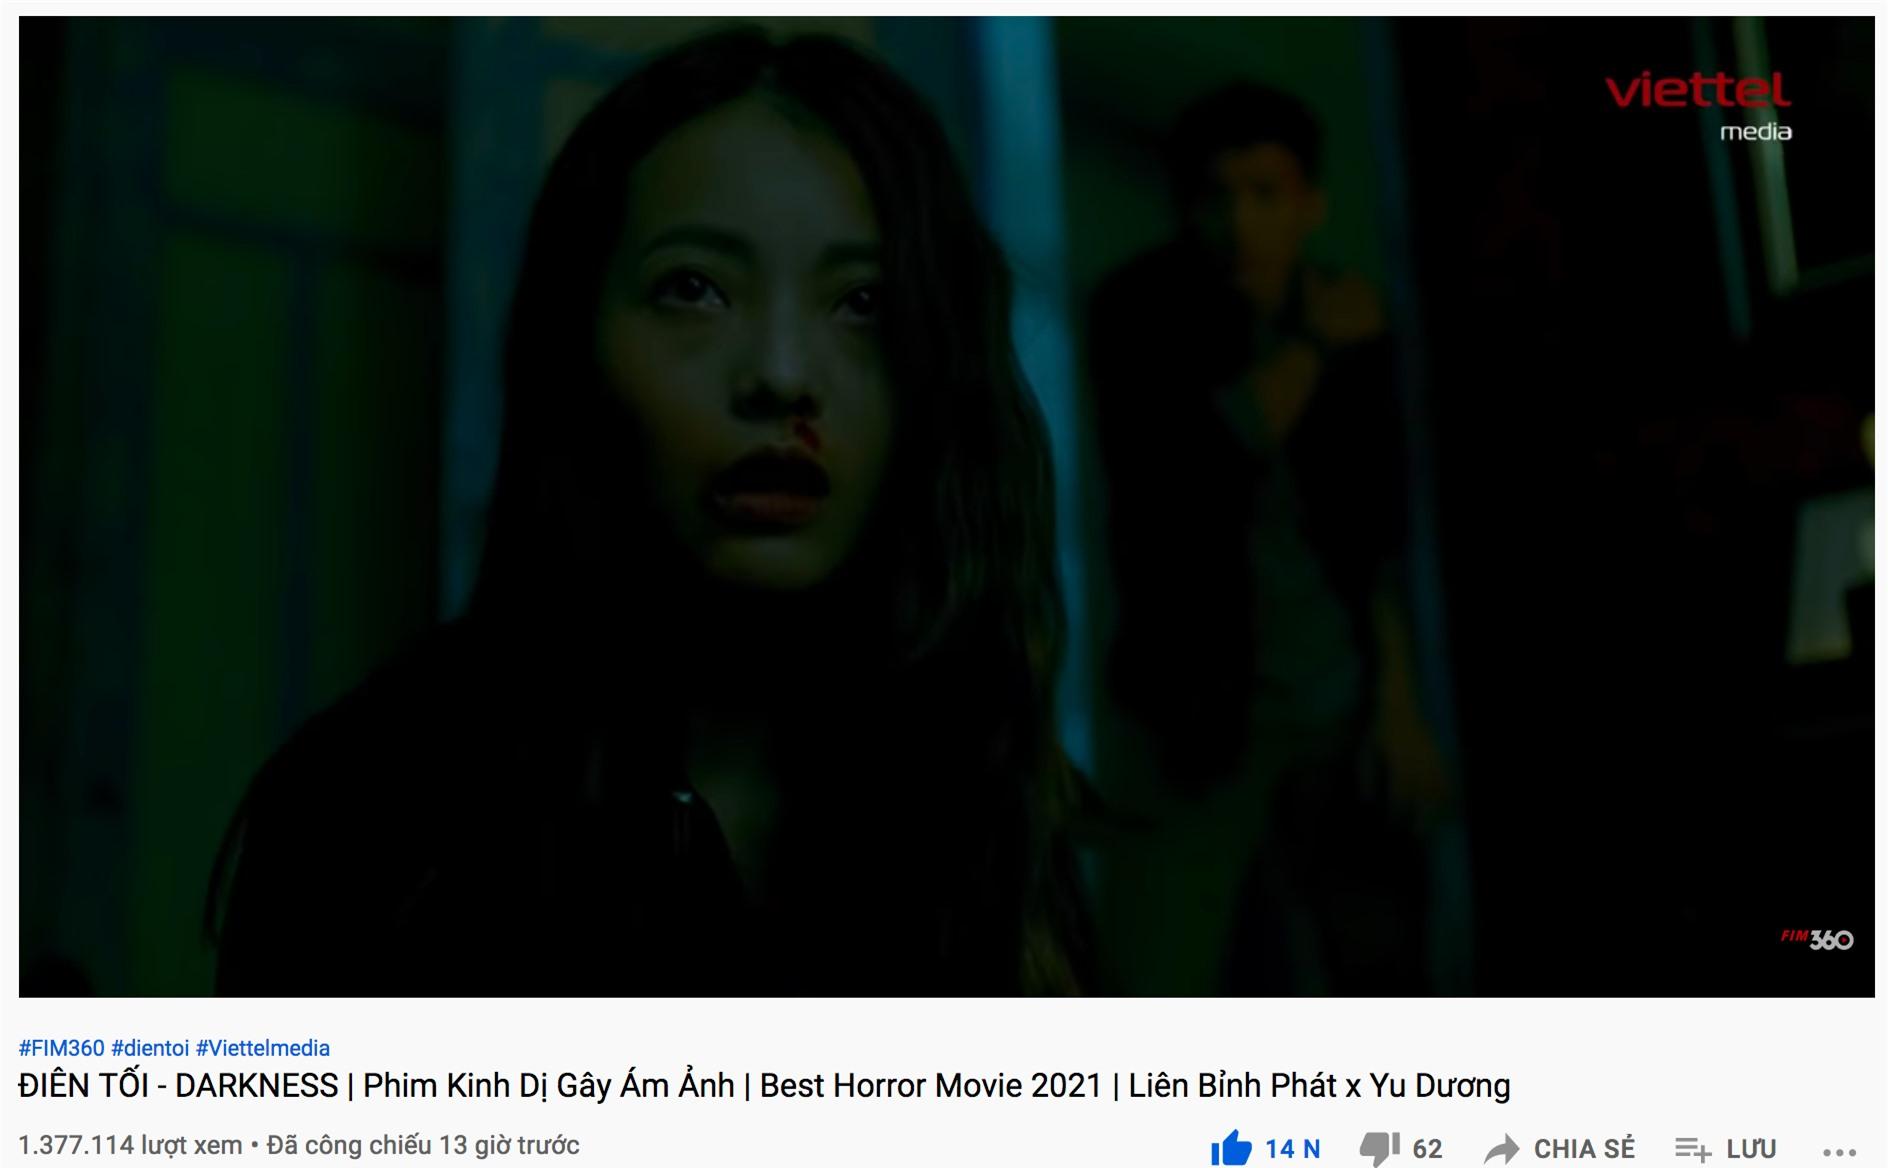 Vừa ra mắt, phim kinh dị của Yu Dương và Liên Bỉnh Phát đã đạt 2 triệu lượt xem - Ảnh 1.